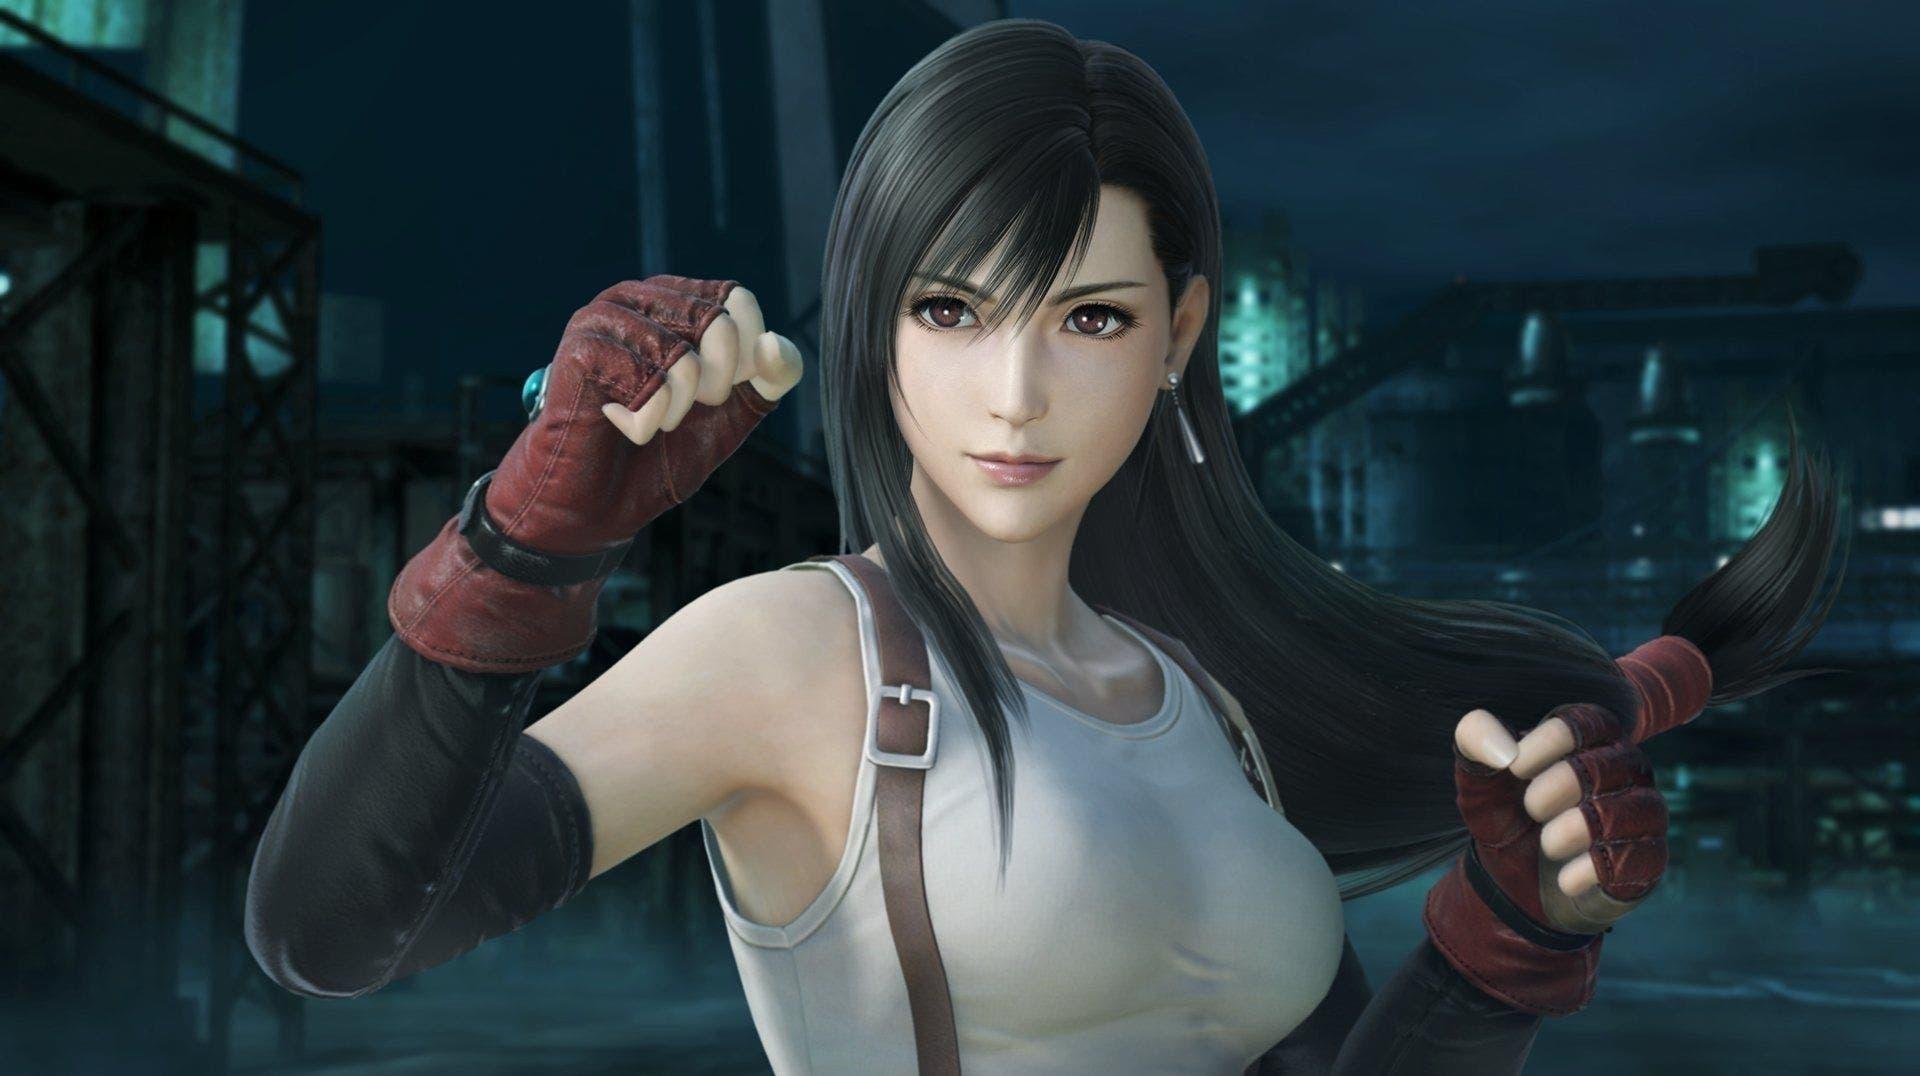 Imagen de Tifa protagoniza un nuevo clip de vídeo de Final Fantasy VII Remake